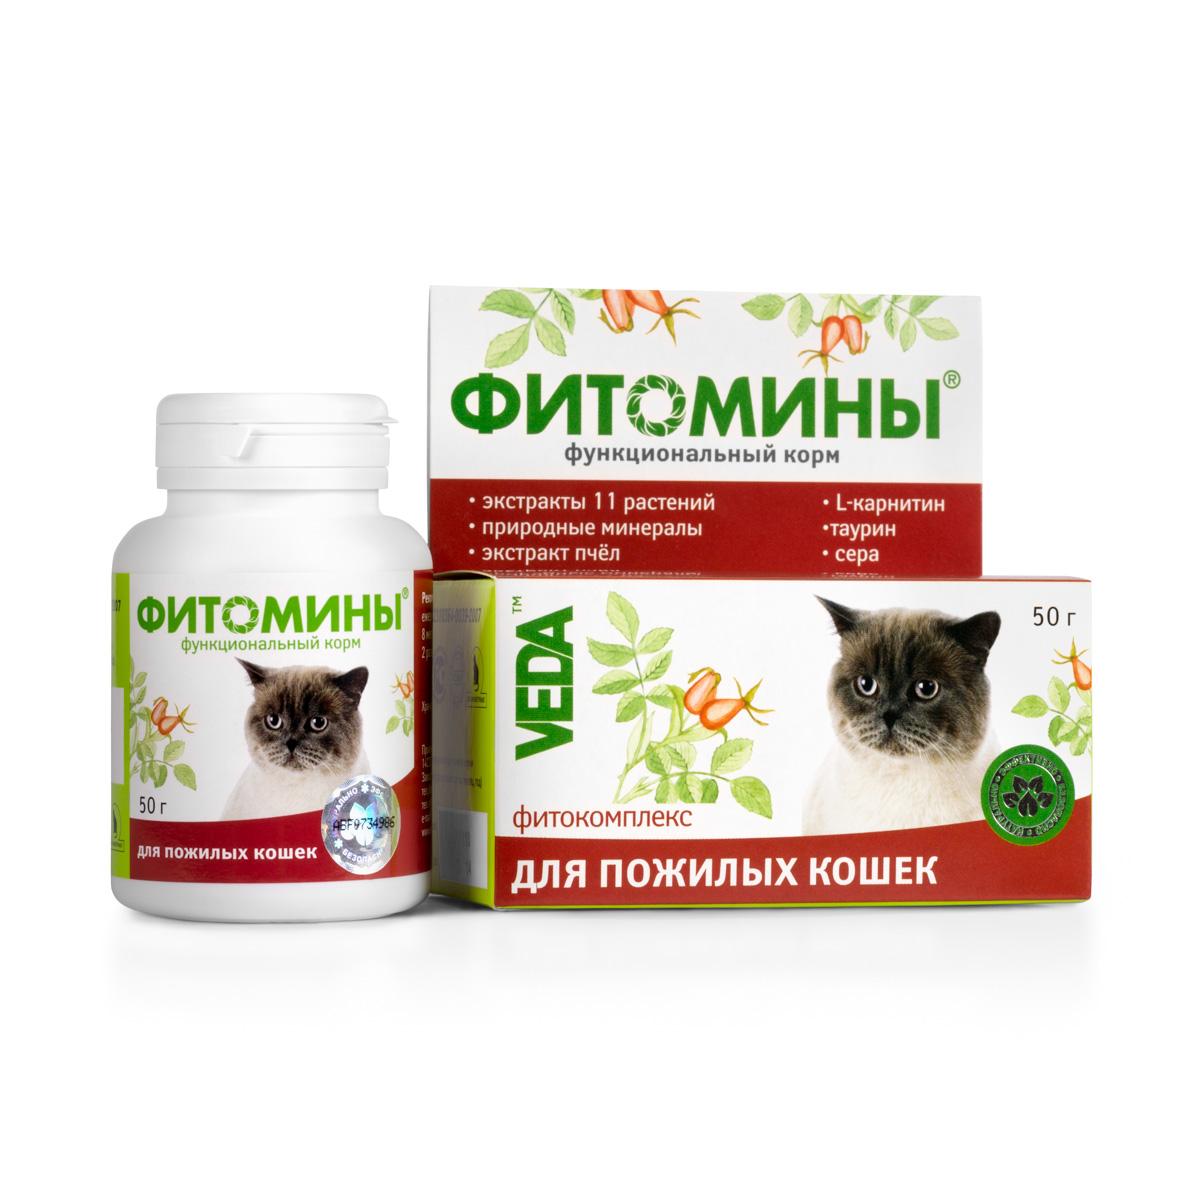 Корм VEDA Фитомины для пожилых кошек, функциональный, 50 г60828Корм функциональный VEDA Фитомины для пожилых кошек улучшает общее состояние системы кровообращения. Рекомендуется включать в рацион: - животным с нарушениями функциями сердечно-сосудистой системы, периферического, мозгового и коронарного кровообращения,- пожилым животным для повышения устойчивости к сердечно-сосудистым заболеваниям.Состав: лактоза; крахмал; дрожжи пивные; фитокомплекс: травы мелиссы лекарственной, плодов боярышника, травы пустырника сердечного, корневищ с корнями валерьяны, травы донника, листьев мяты перечной, травы котовника, травы тысячелистника, травы горца птичьего, травы сушеницы болотной, травы буквицы; природный минеральный комплекс; паровая рыбная мука; гидролизат коллагена; L-карнитин; экстракт пчел; таурин; сера; стеарат кальция. В 100 г продукта содержится (не менее): углеводы - 92 г; жиры - 0,1 г; белки – 2 г; кальций 600 мг; фосфор 360 мг; железо 15 мг; цинк 4 мг; марганец 0,1 мг; медь 0,3 мг; L-карнитин 0,5 г; таурин 0,2 г; сера 0,1 г. Энергетическая ценность в 100 г: 380 ккал.Товар сертифицирован.Чем кормить пожилых кошек: советы ветеринара. Статья OZON Гид